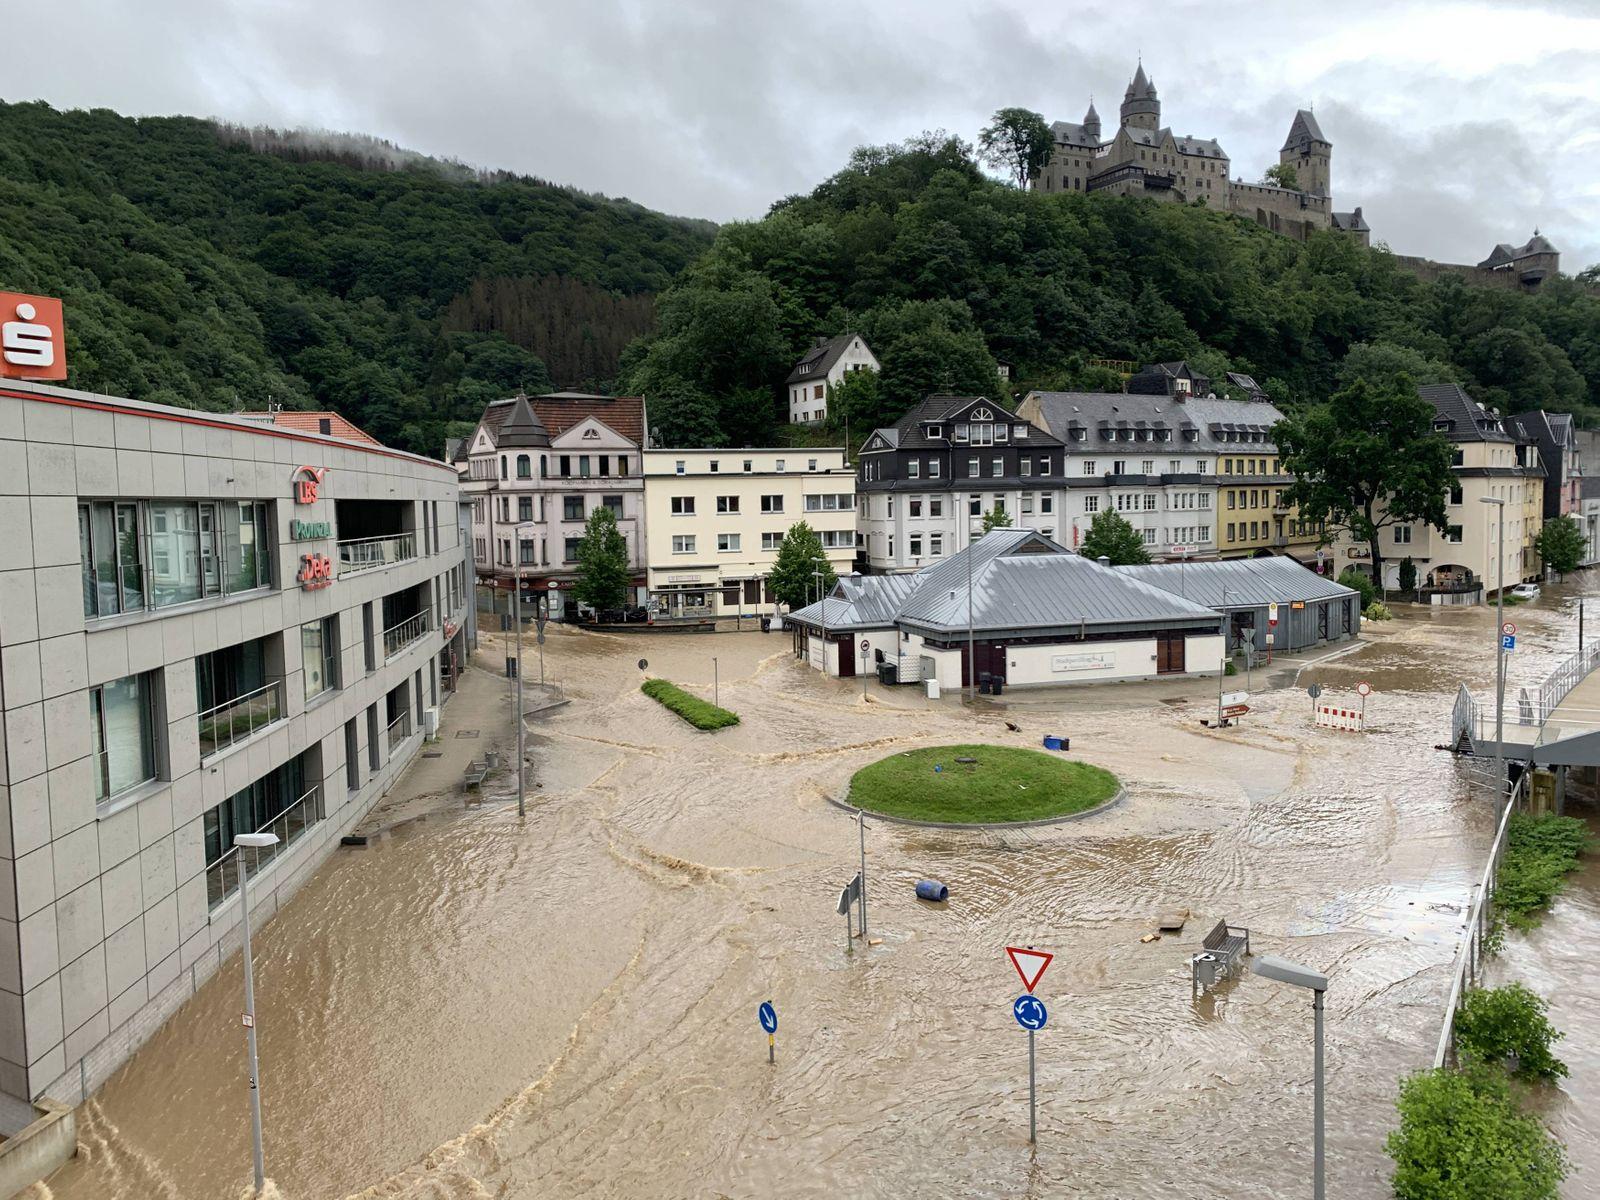 Feuerwehrmann stirbt in den Fluten in Altena: Ortsteile komplett Überflutet - Mehrere Straßen unpassierbar